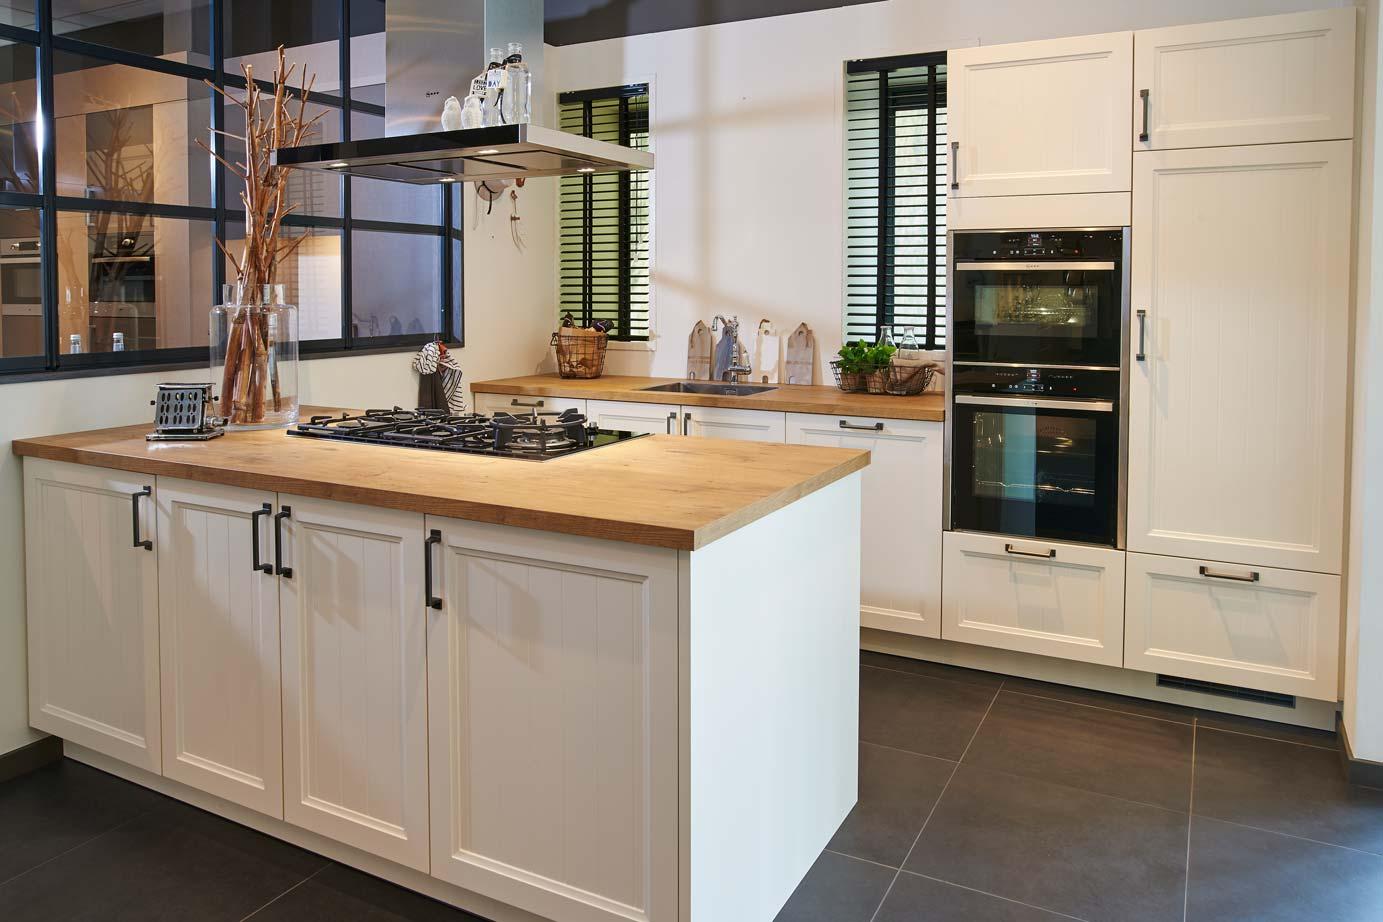 Goedkope Keuken Handgrepen : Landelijke keuken Met kookeiland DB Keukens